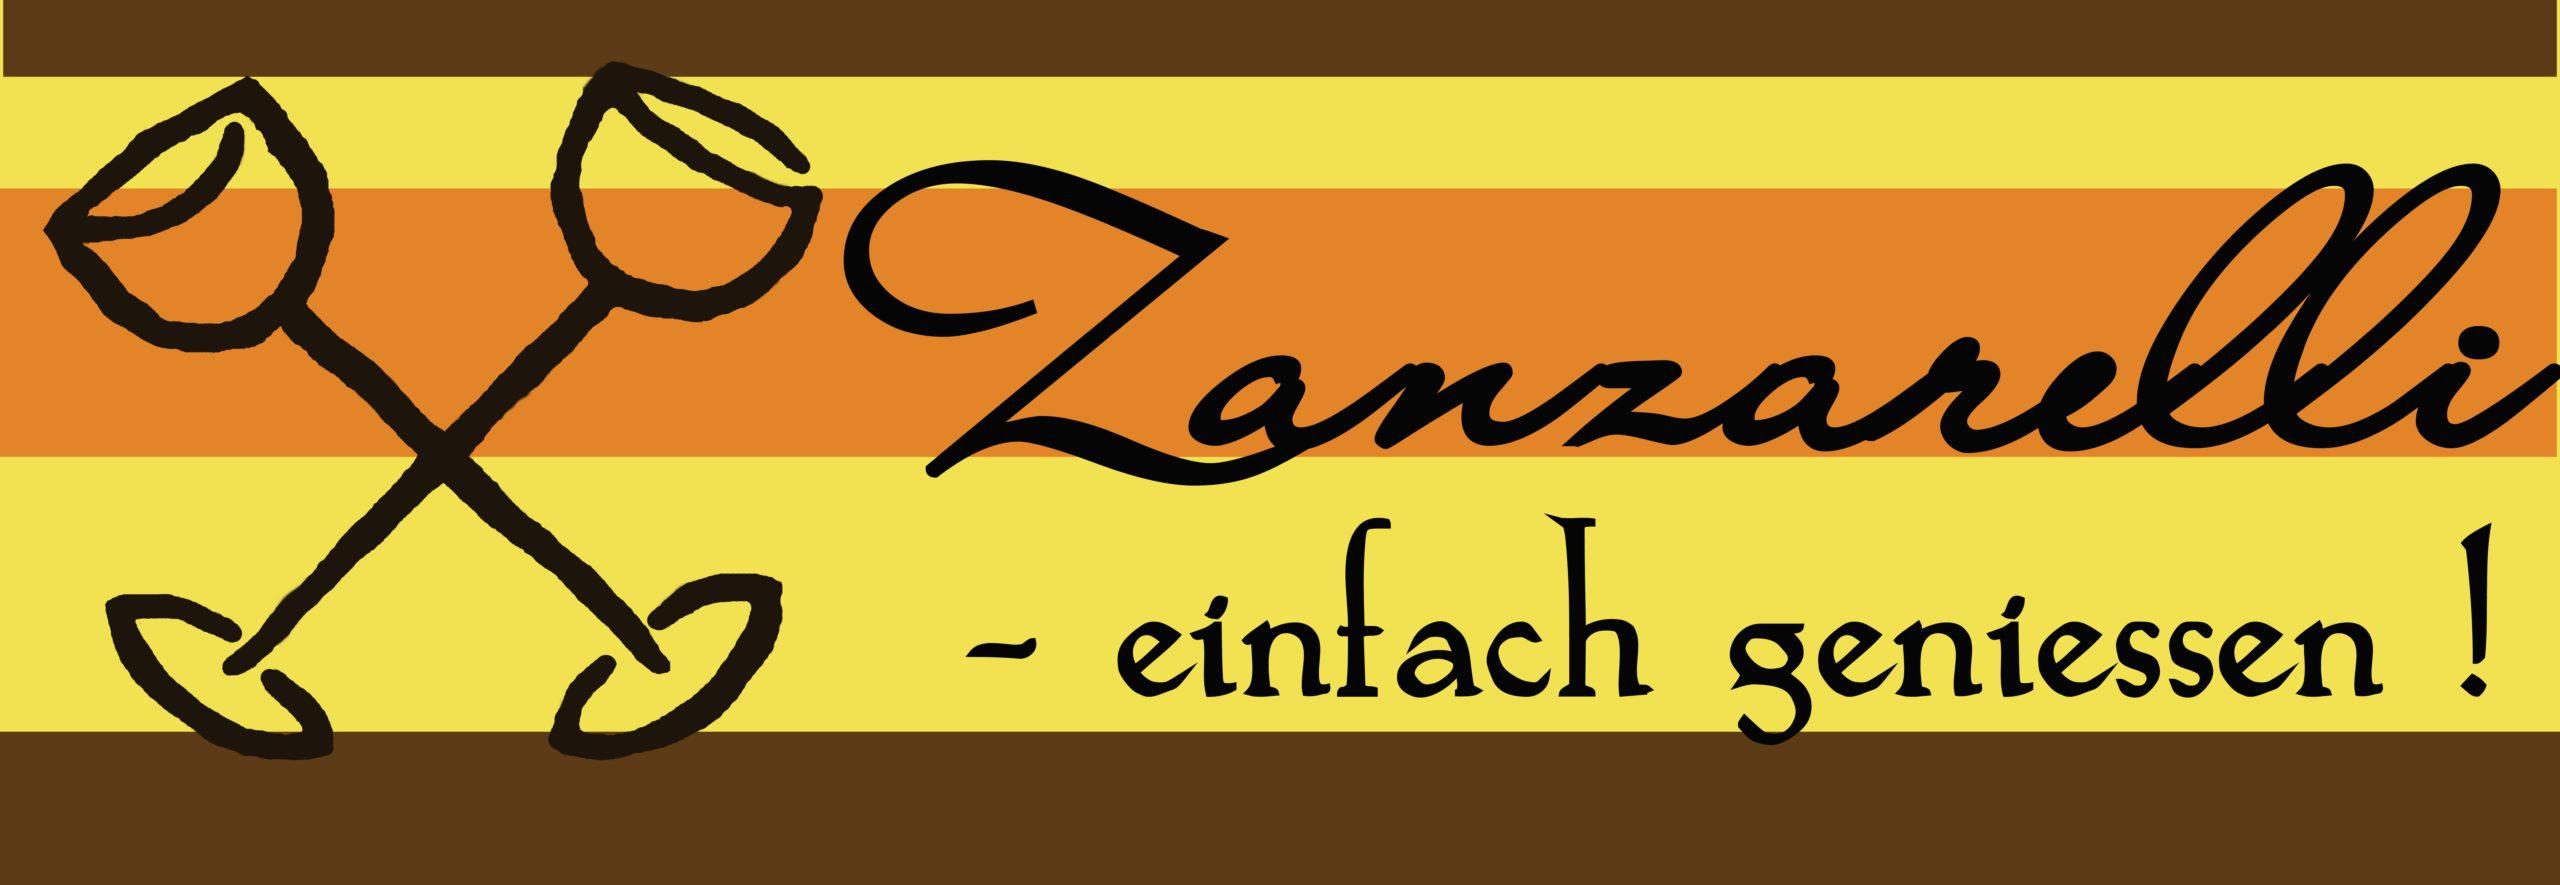 Logo Zanzarelli